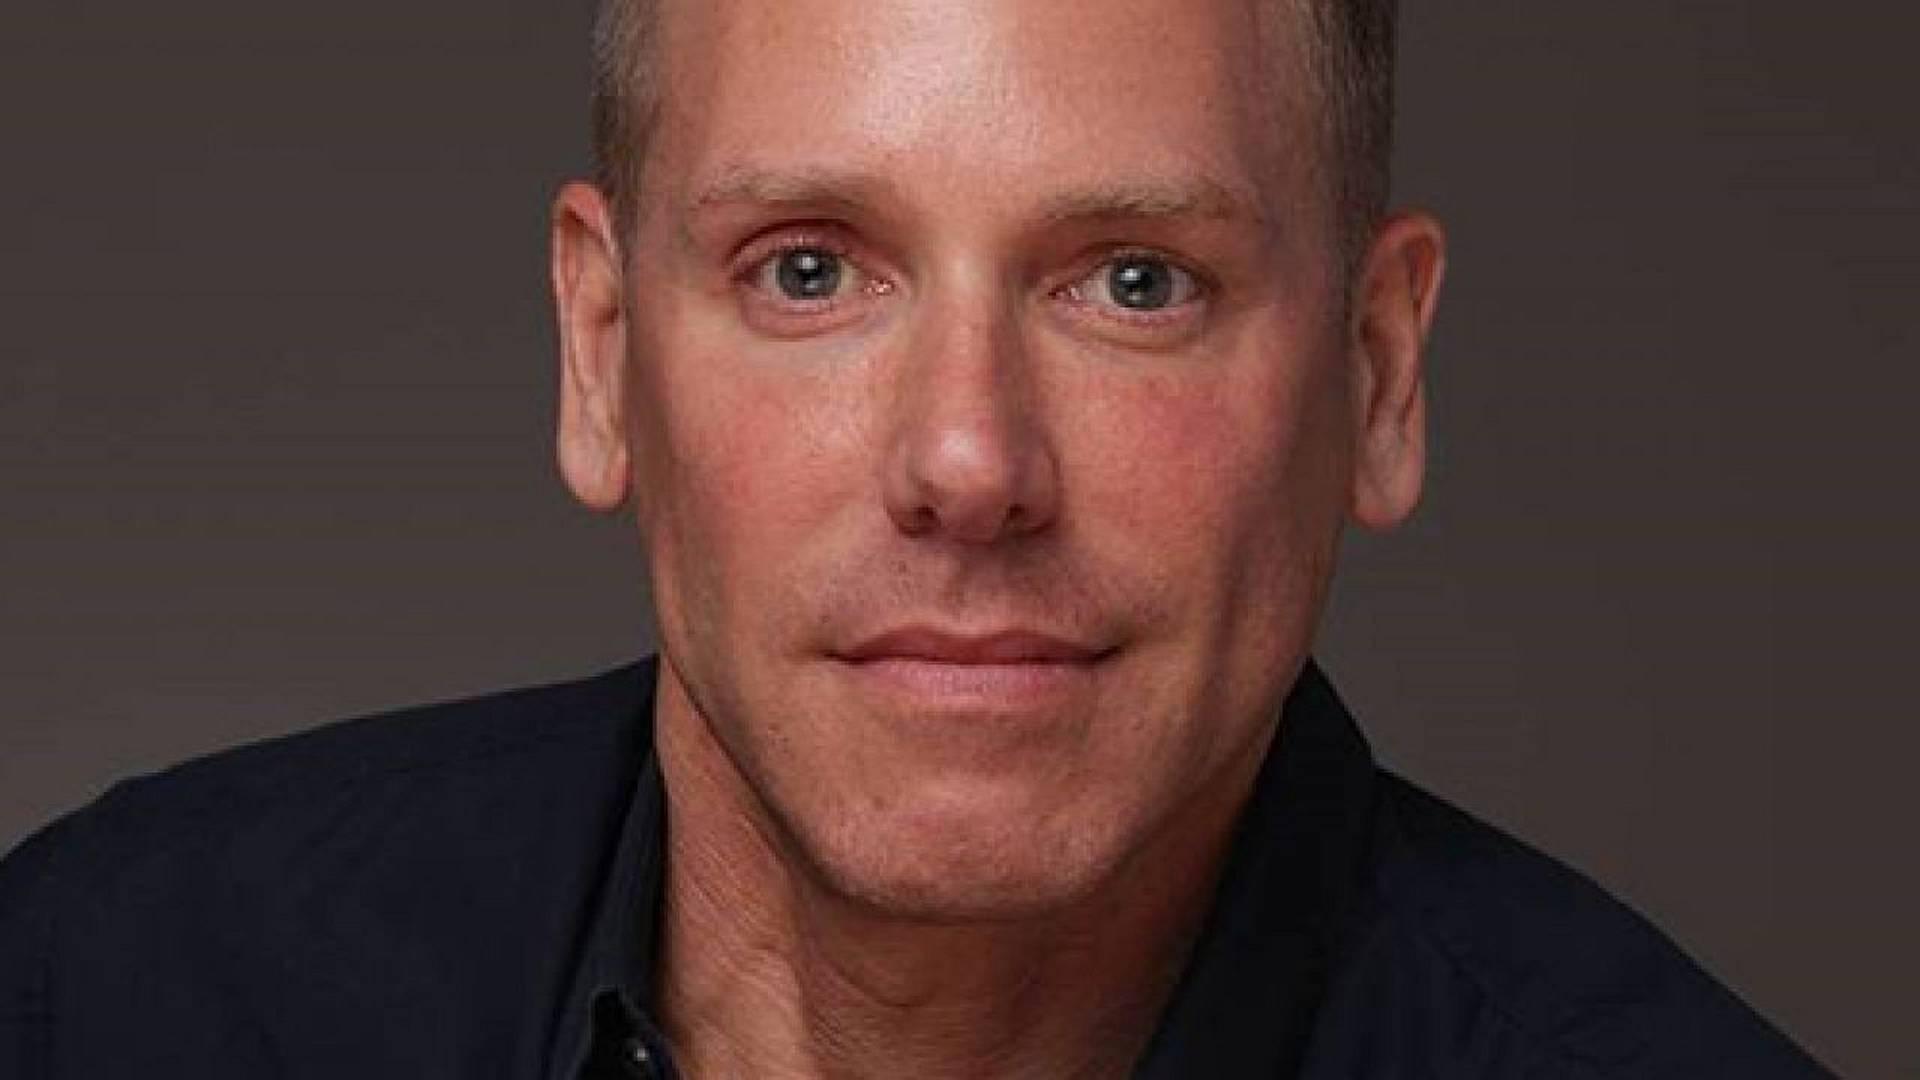 Matt Brdolie